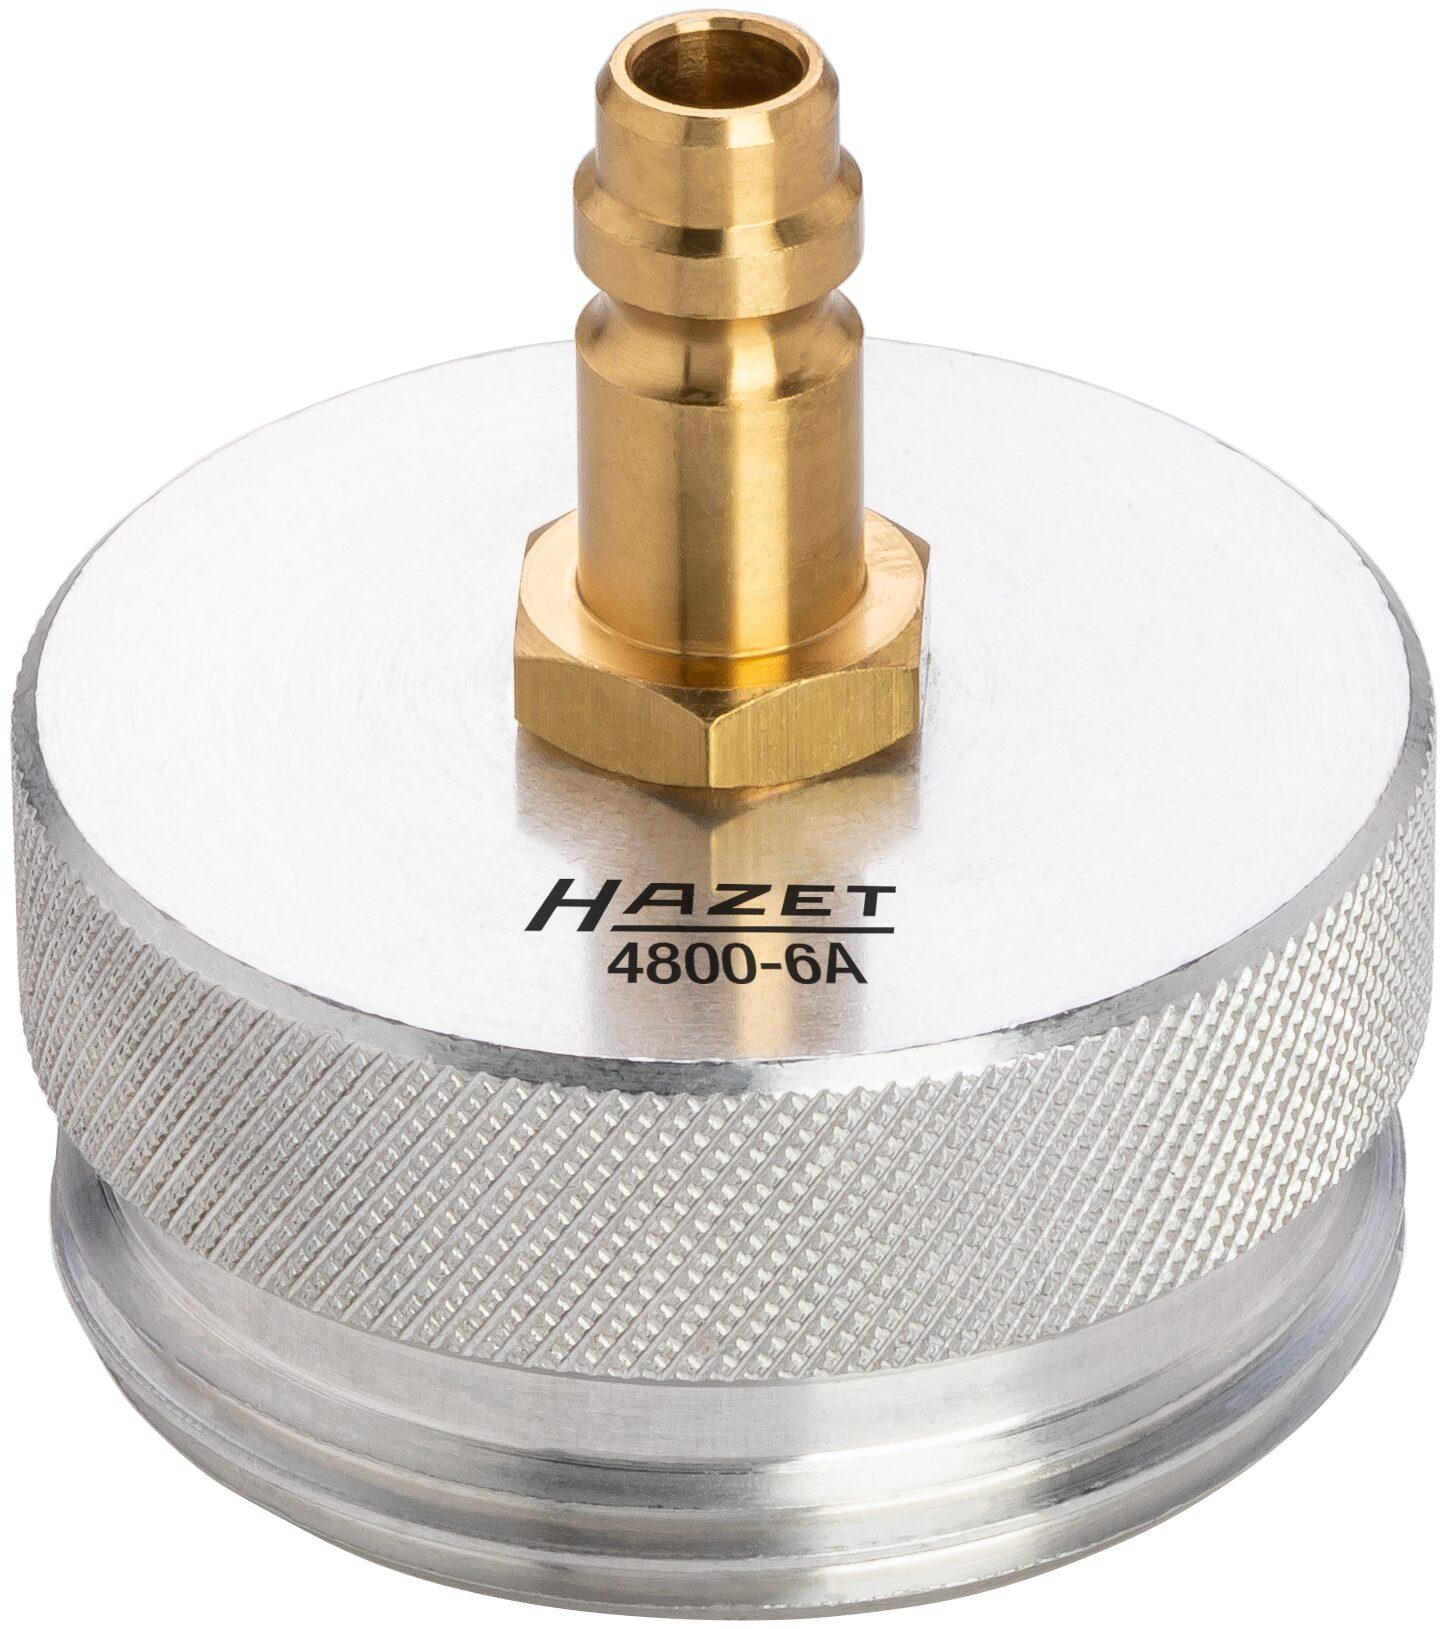 HAZET Kühlerpumpe und -adapter 4800-6A